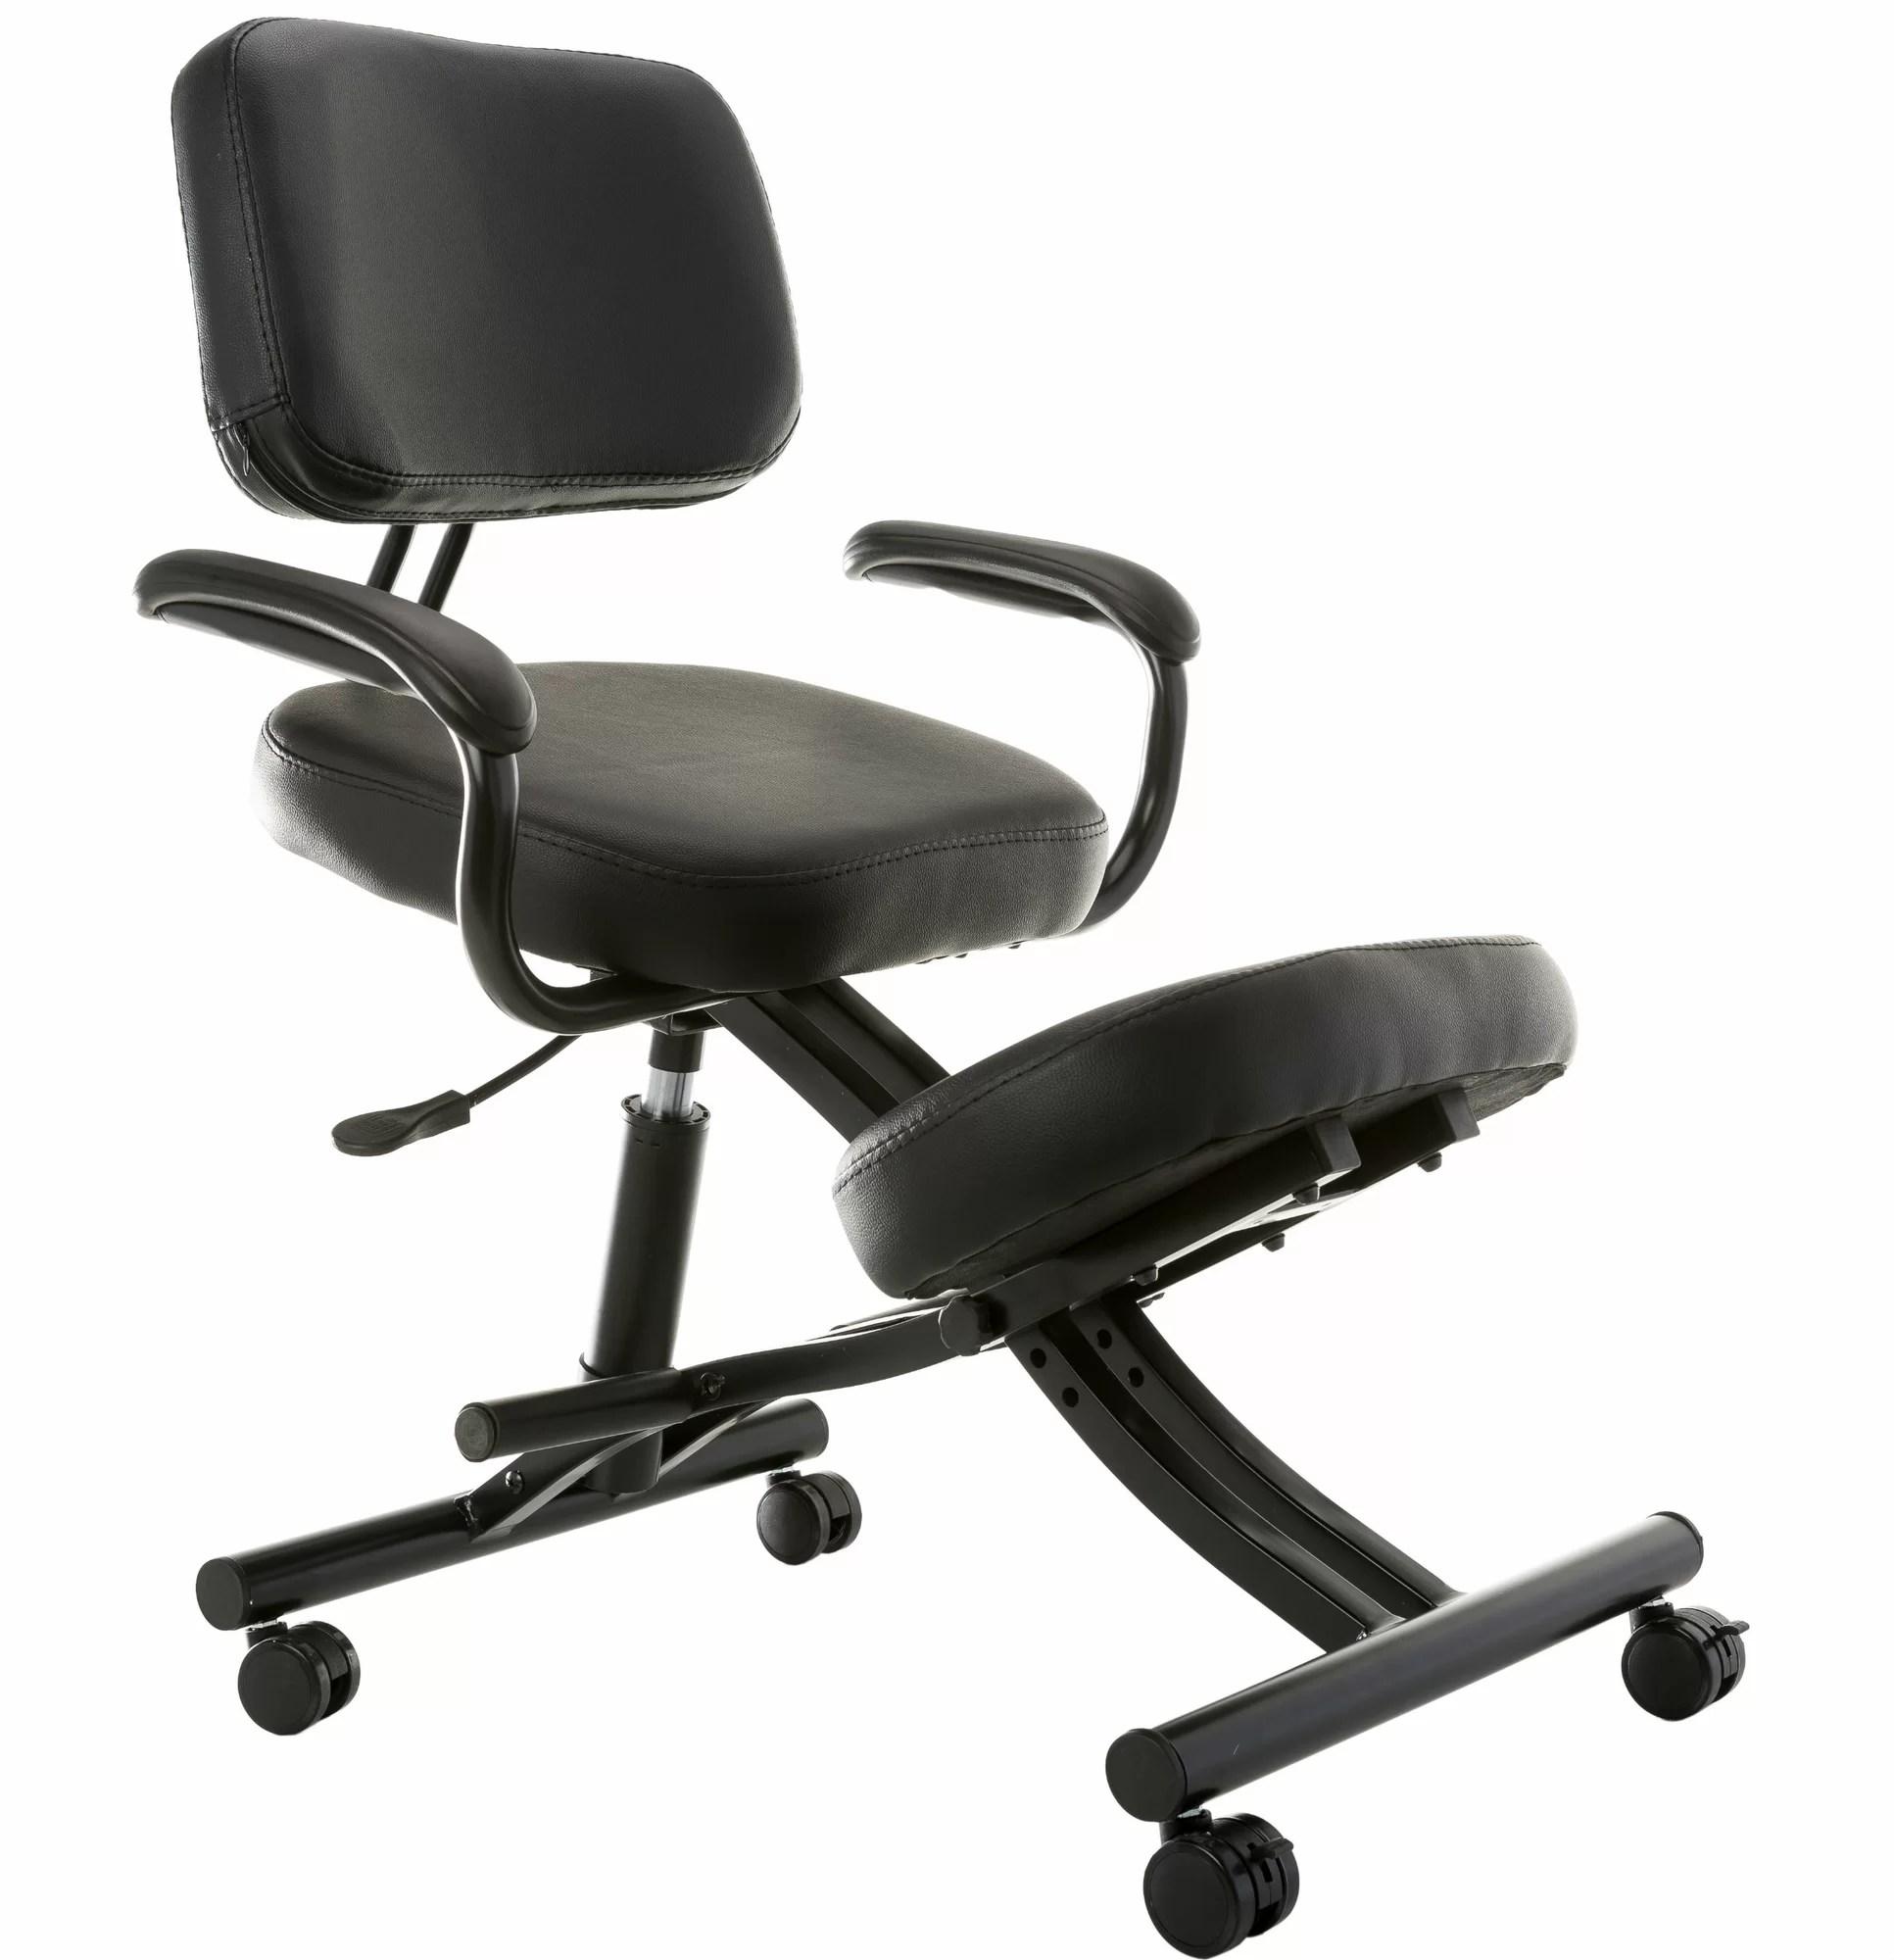 Sierra Comfort Ergonomic LowBack Kneeling Chair